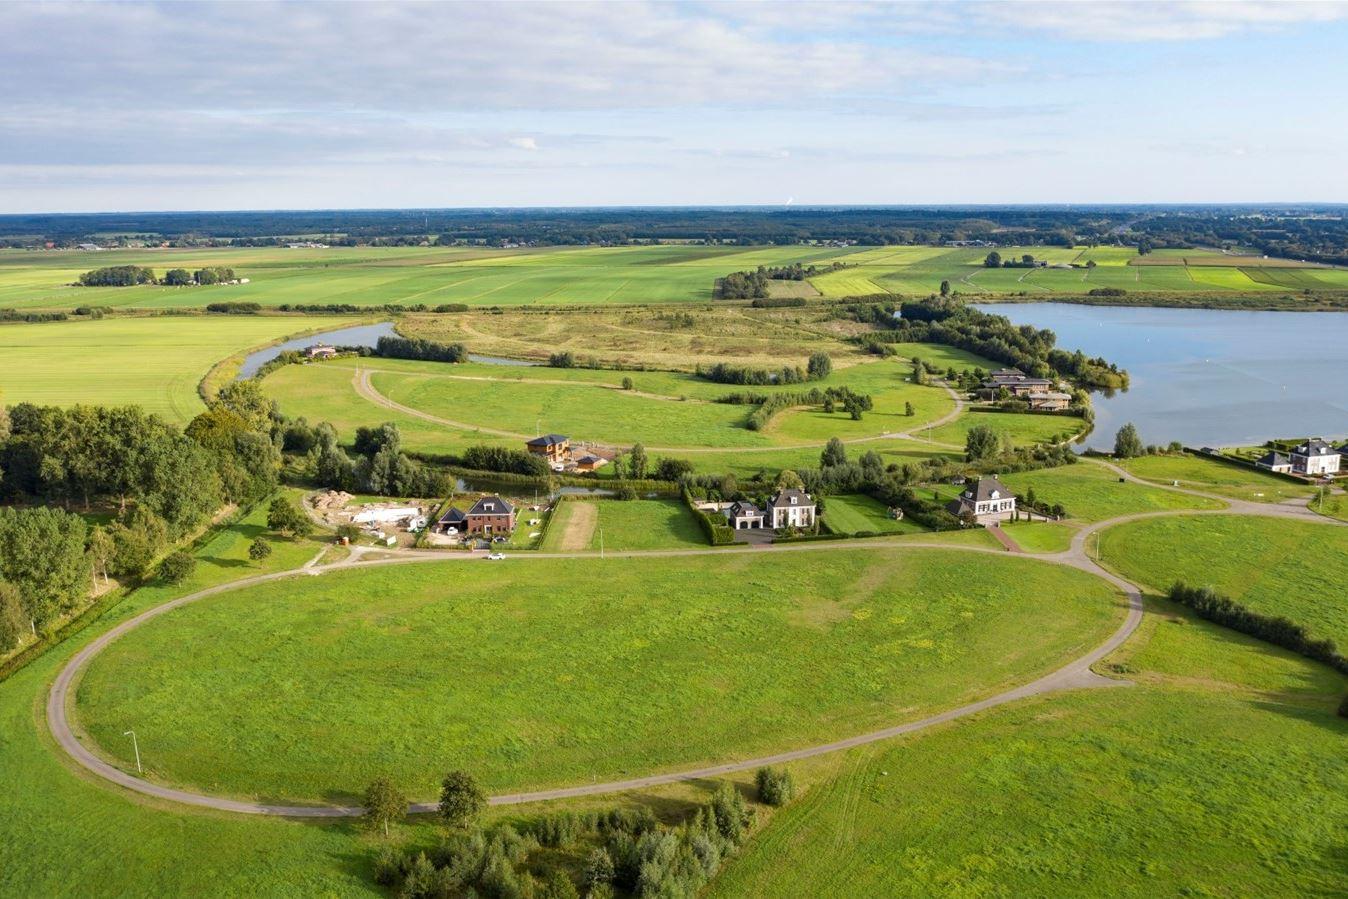 Bekijk foto 1 van Landgoed de Woldberg kavel 13